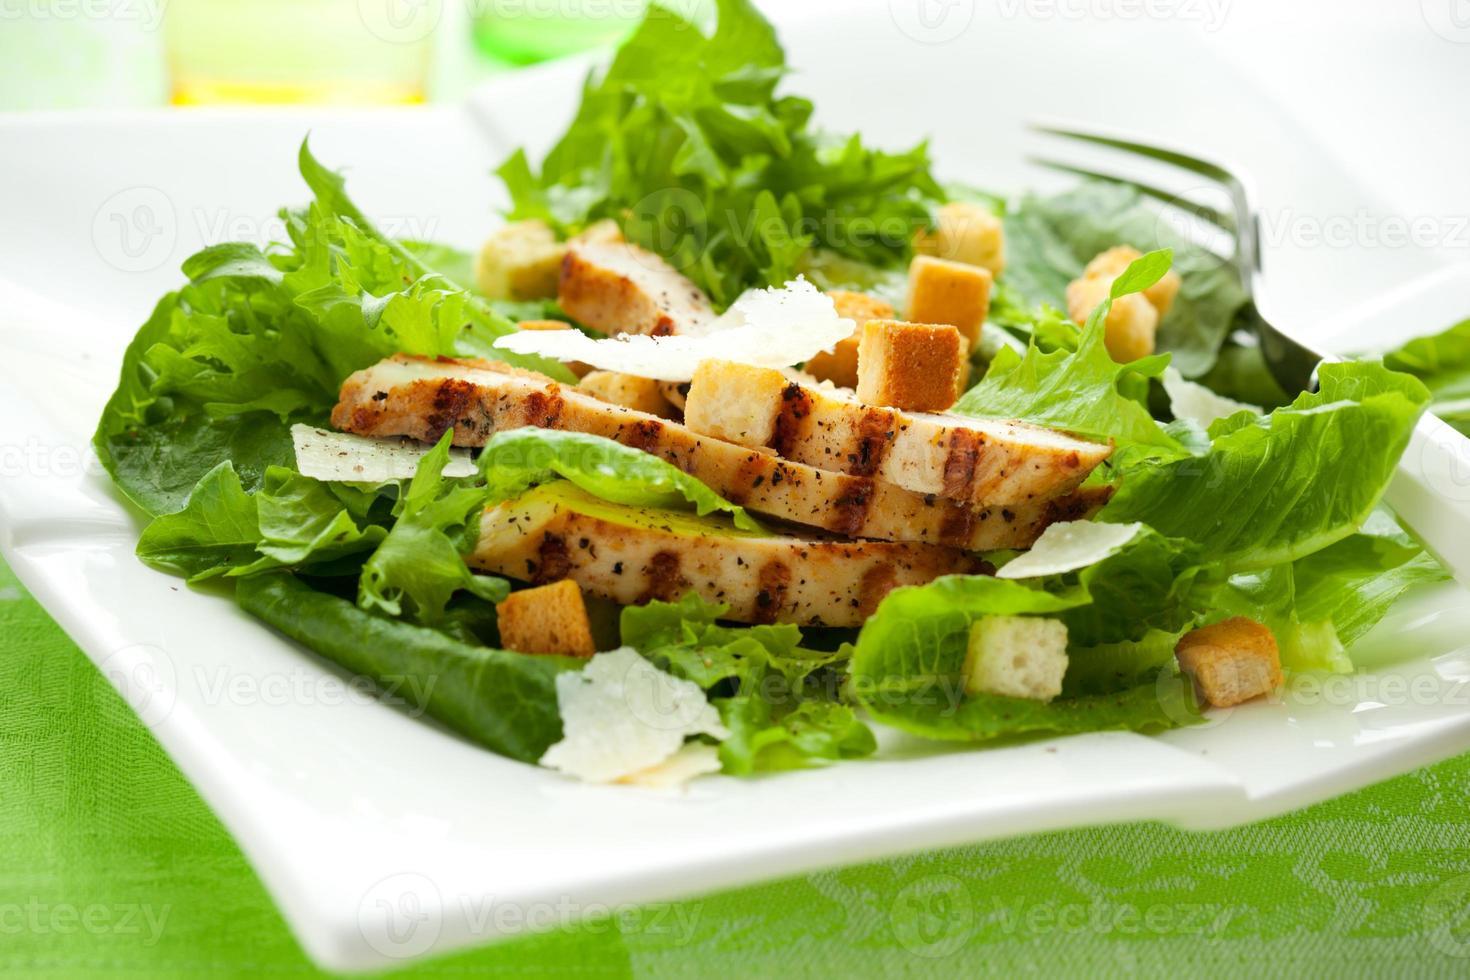 Chicken Caesar salad photo